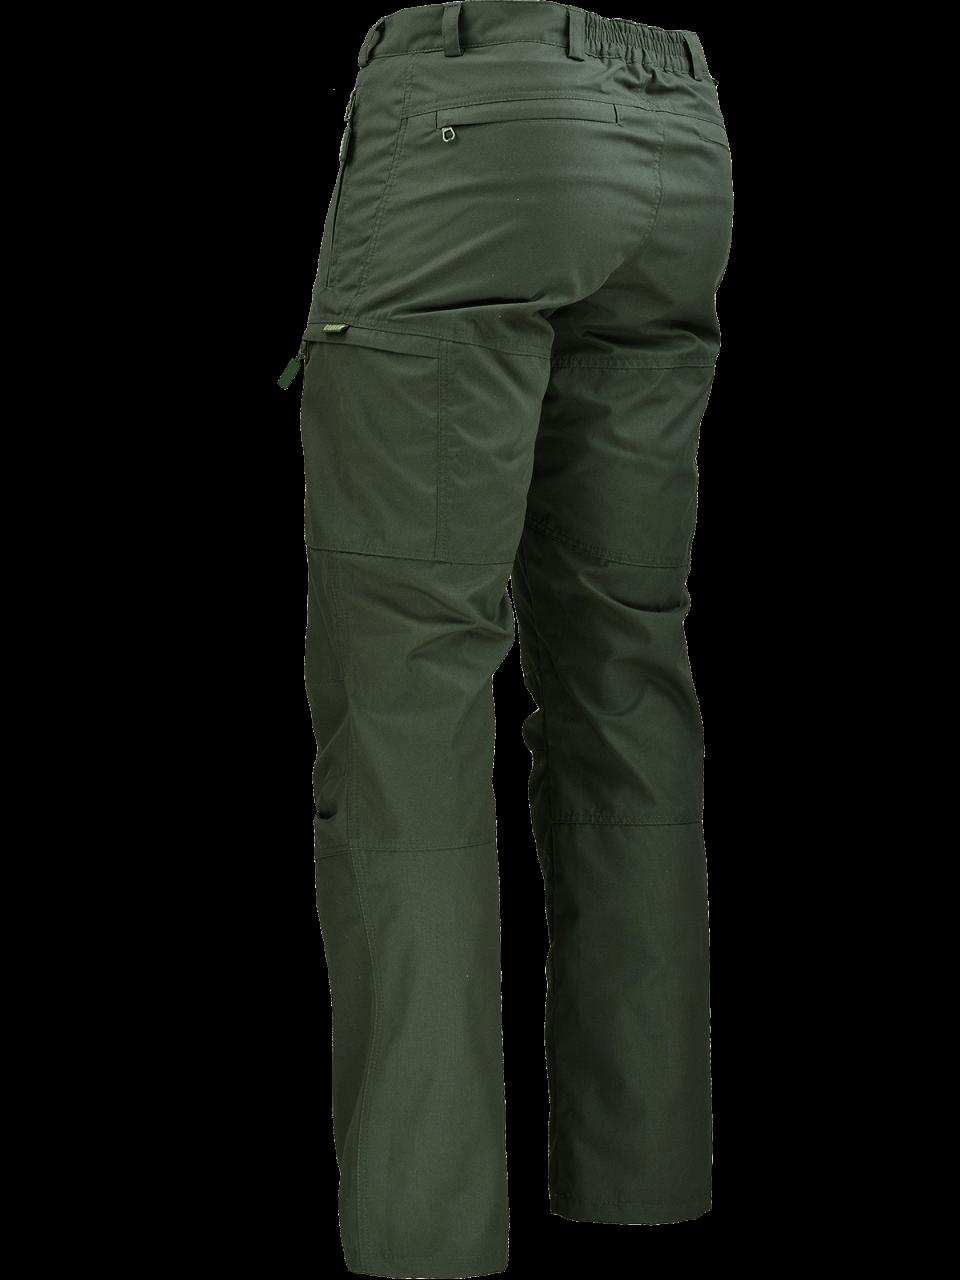 odolné nohavice Terolaz outdoorové oblečeni zad